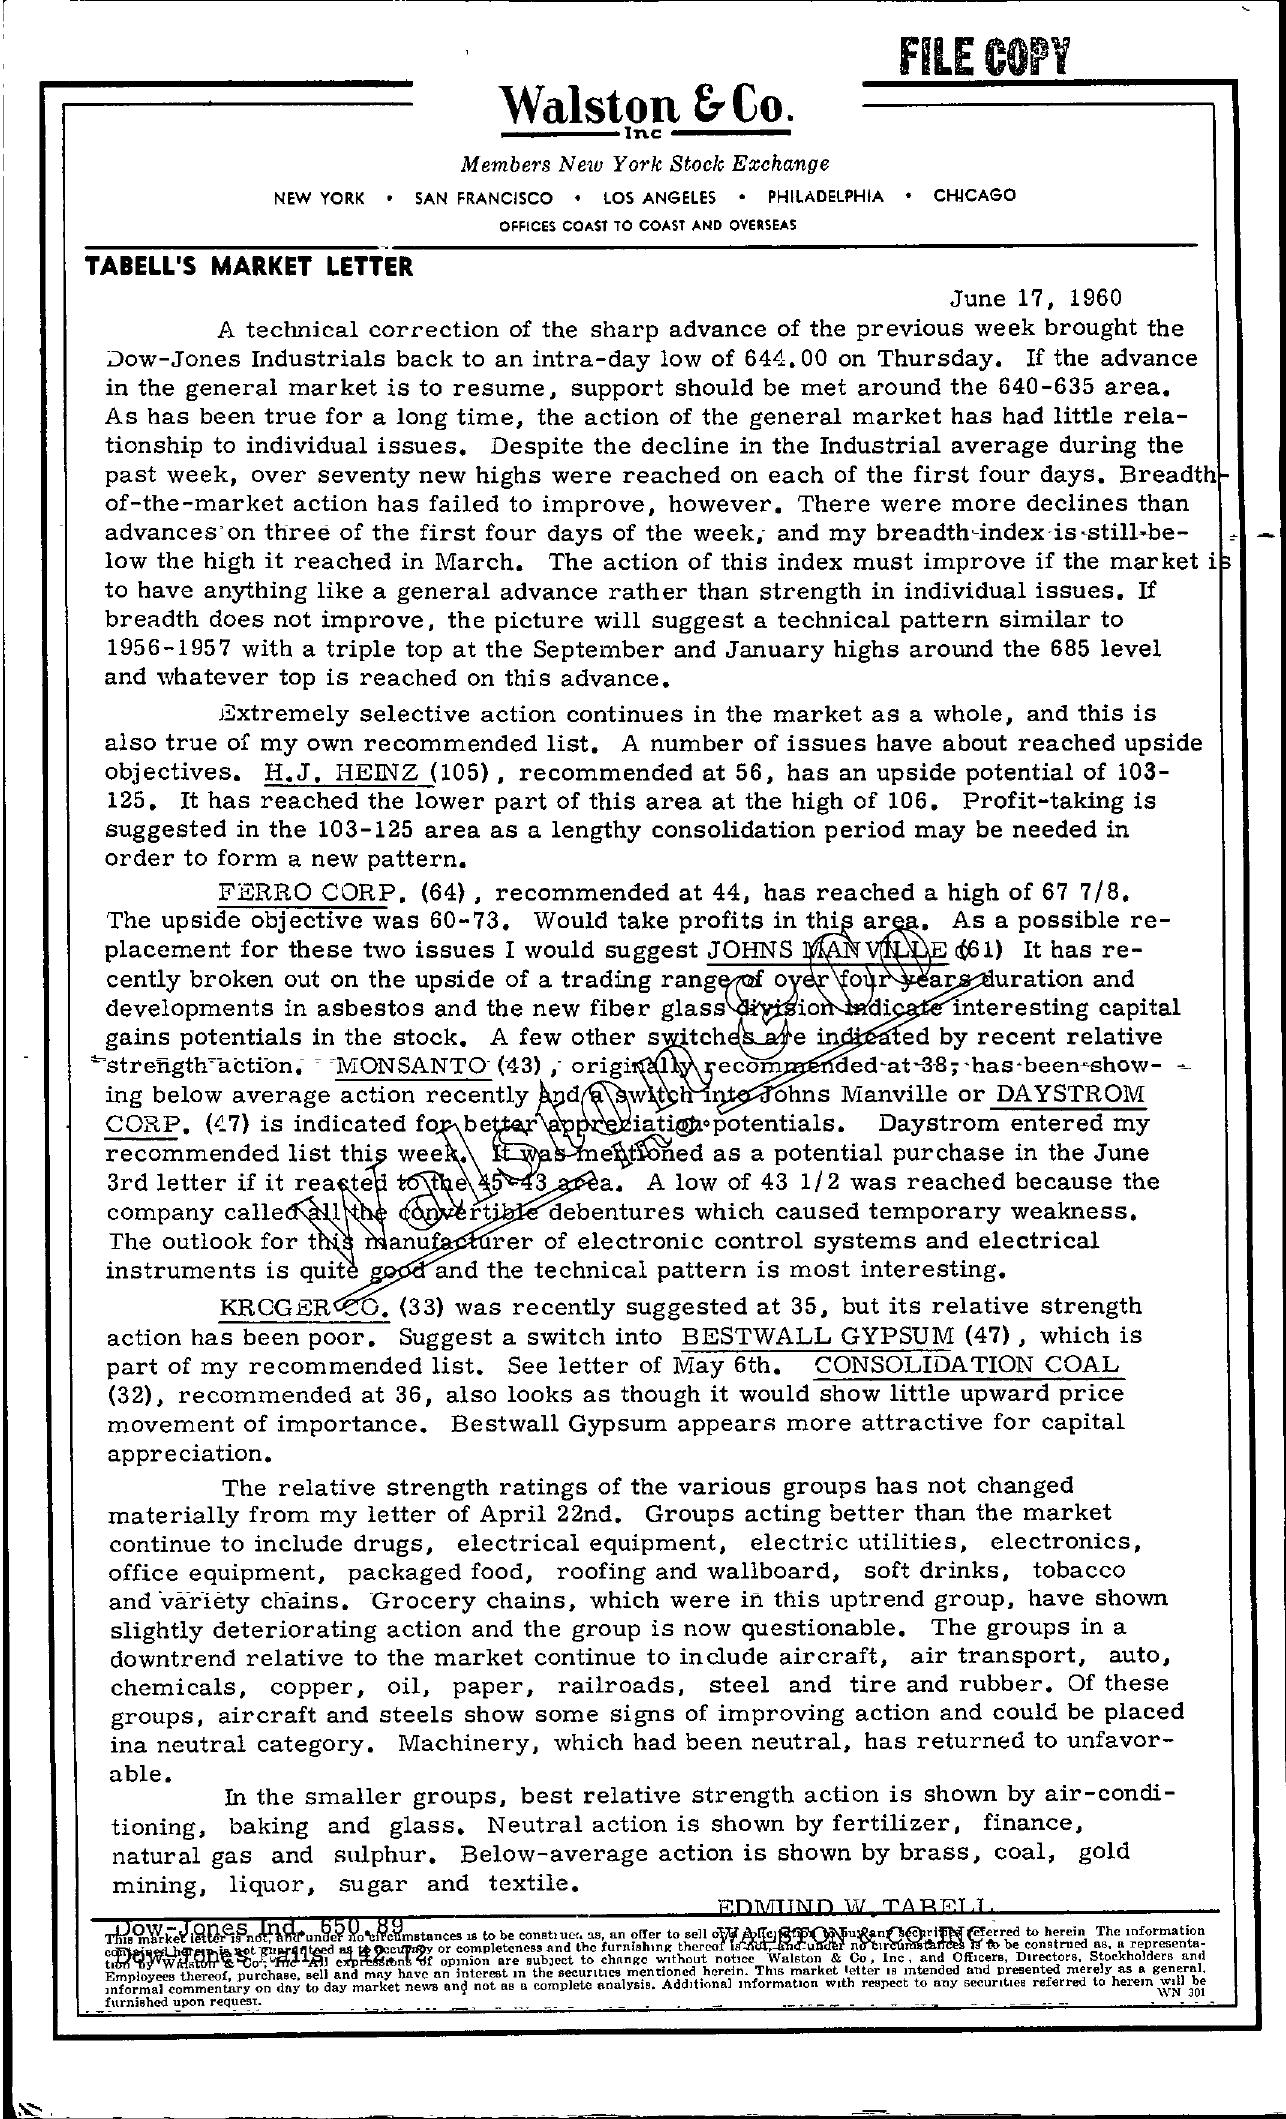 Tabell's Market Letter - June 17, 1960